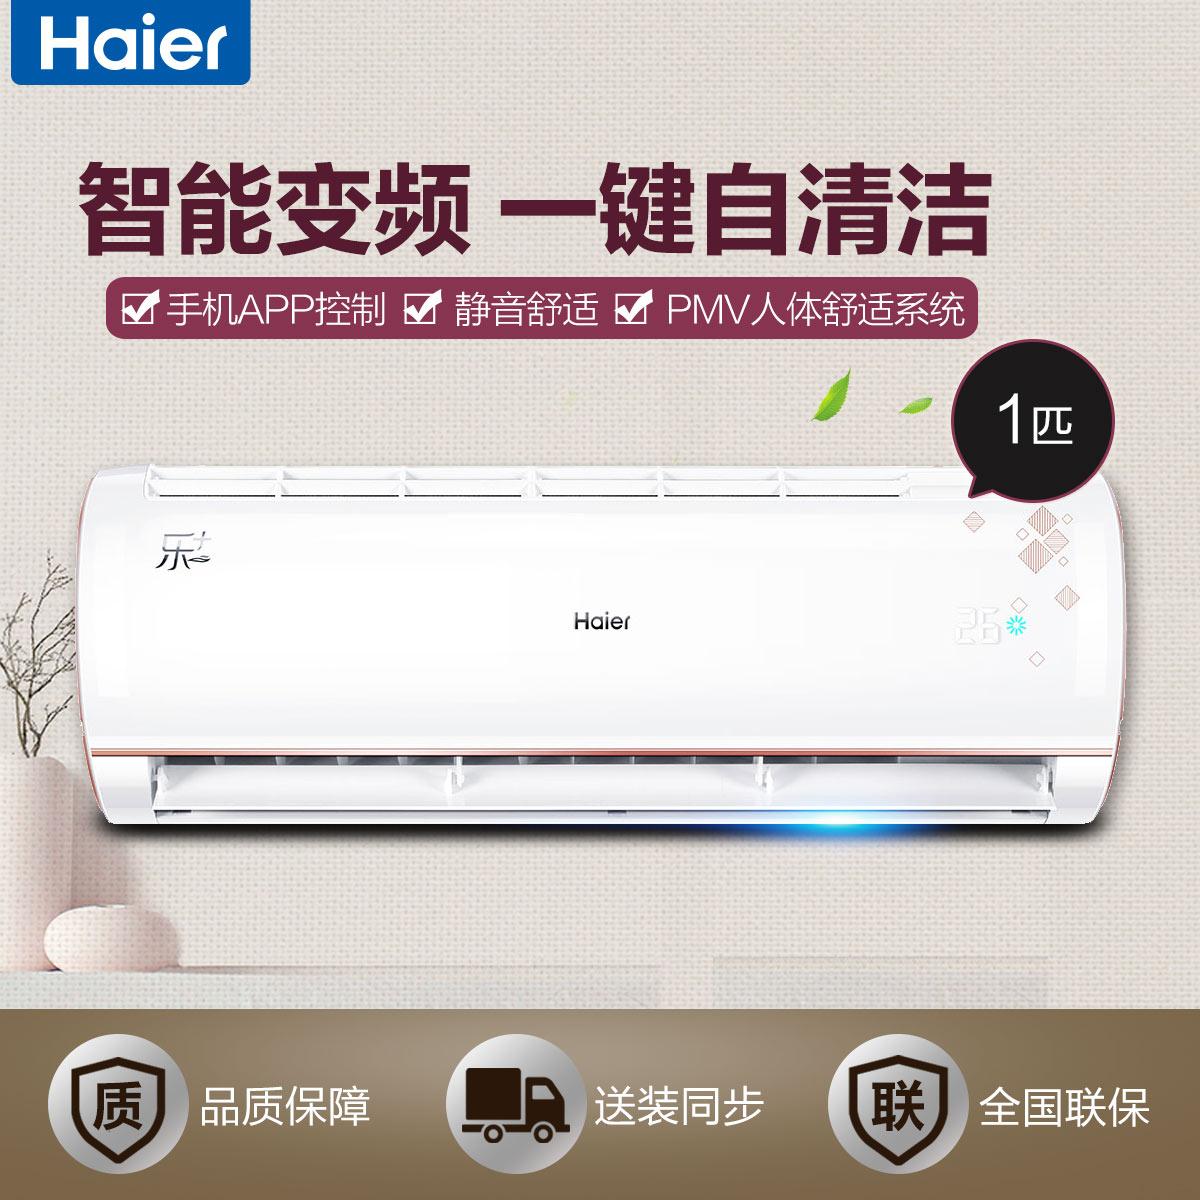 Haier/海尔 壁挂式空调 KFR-26GW/21TMAAL23AU1套机 1匹智能变频空调/一键自清洁/静音舒适